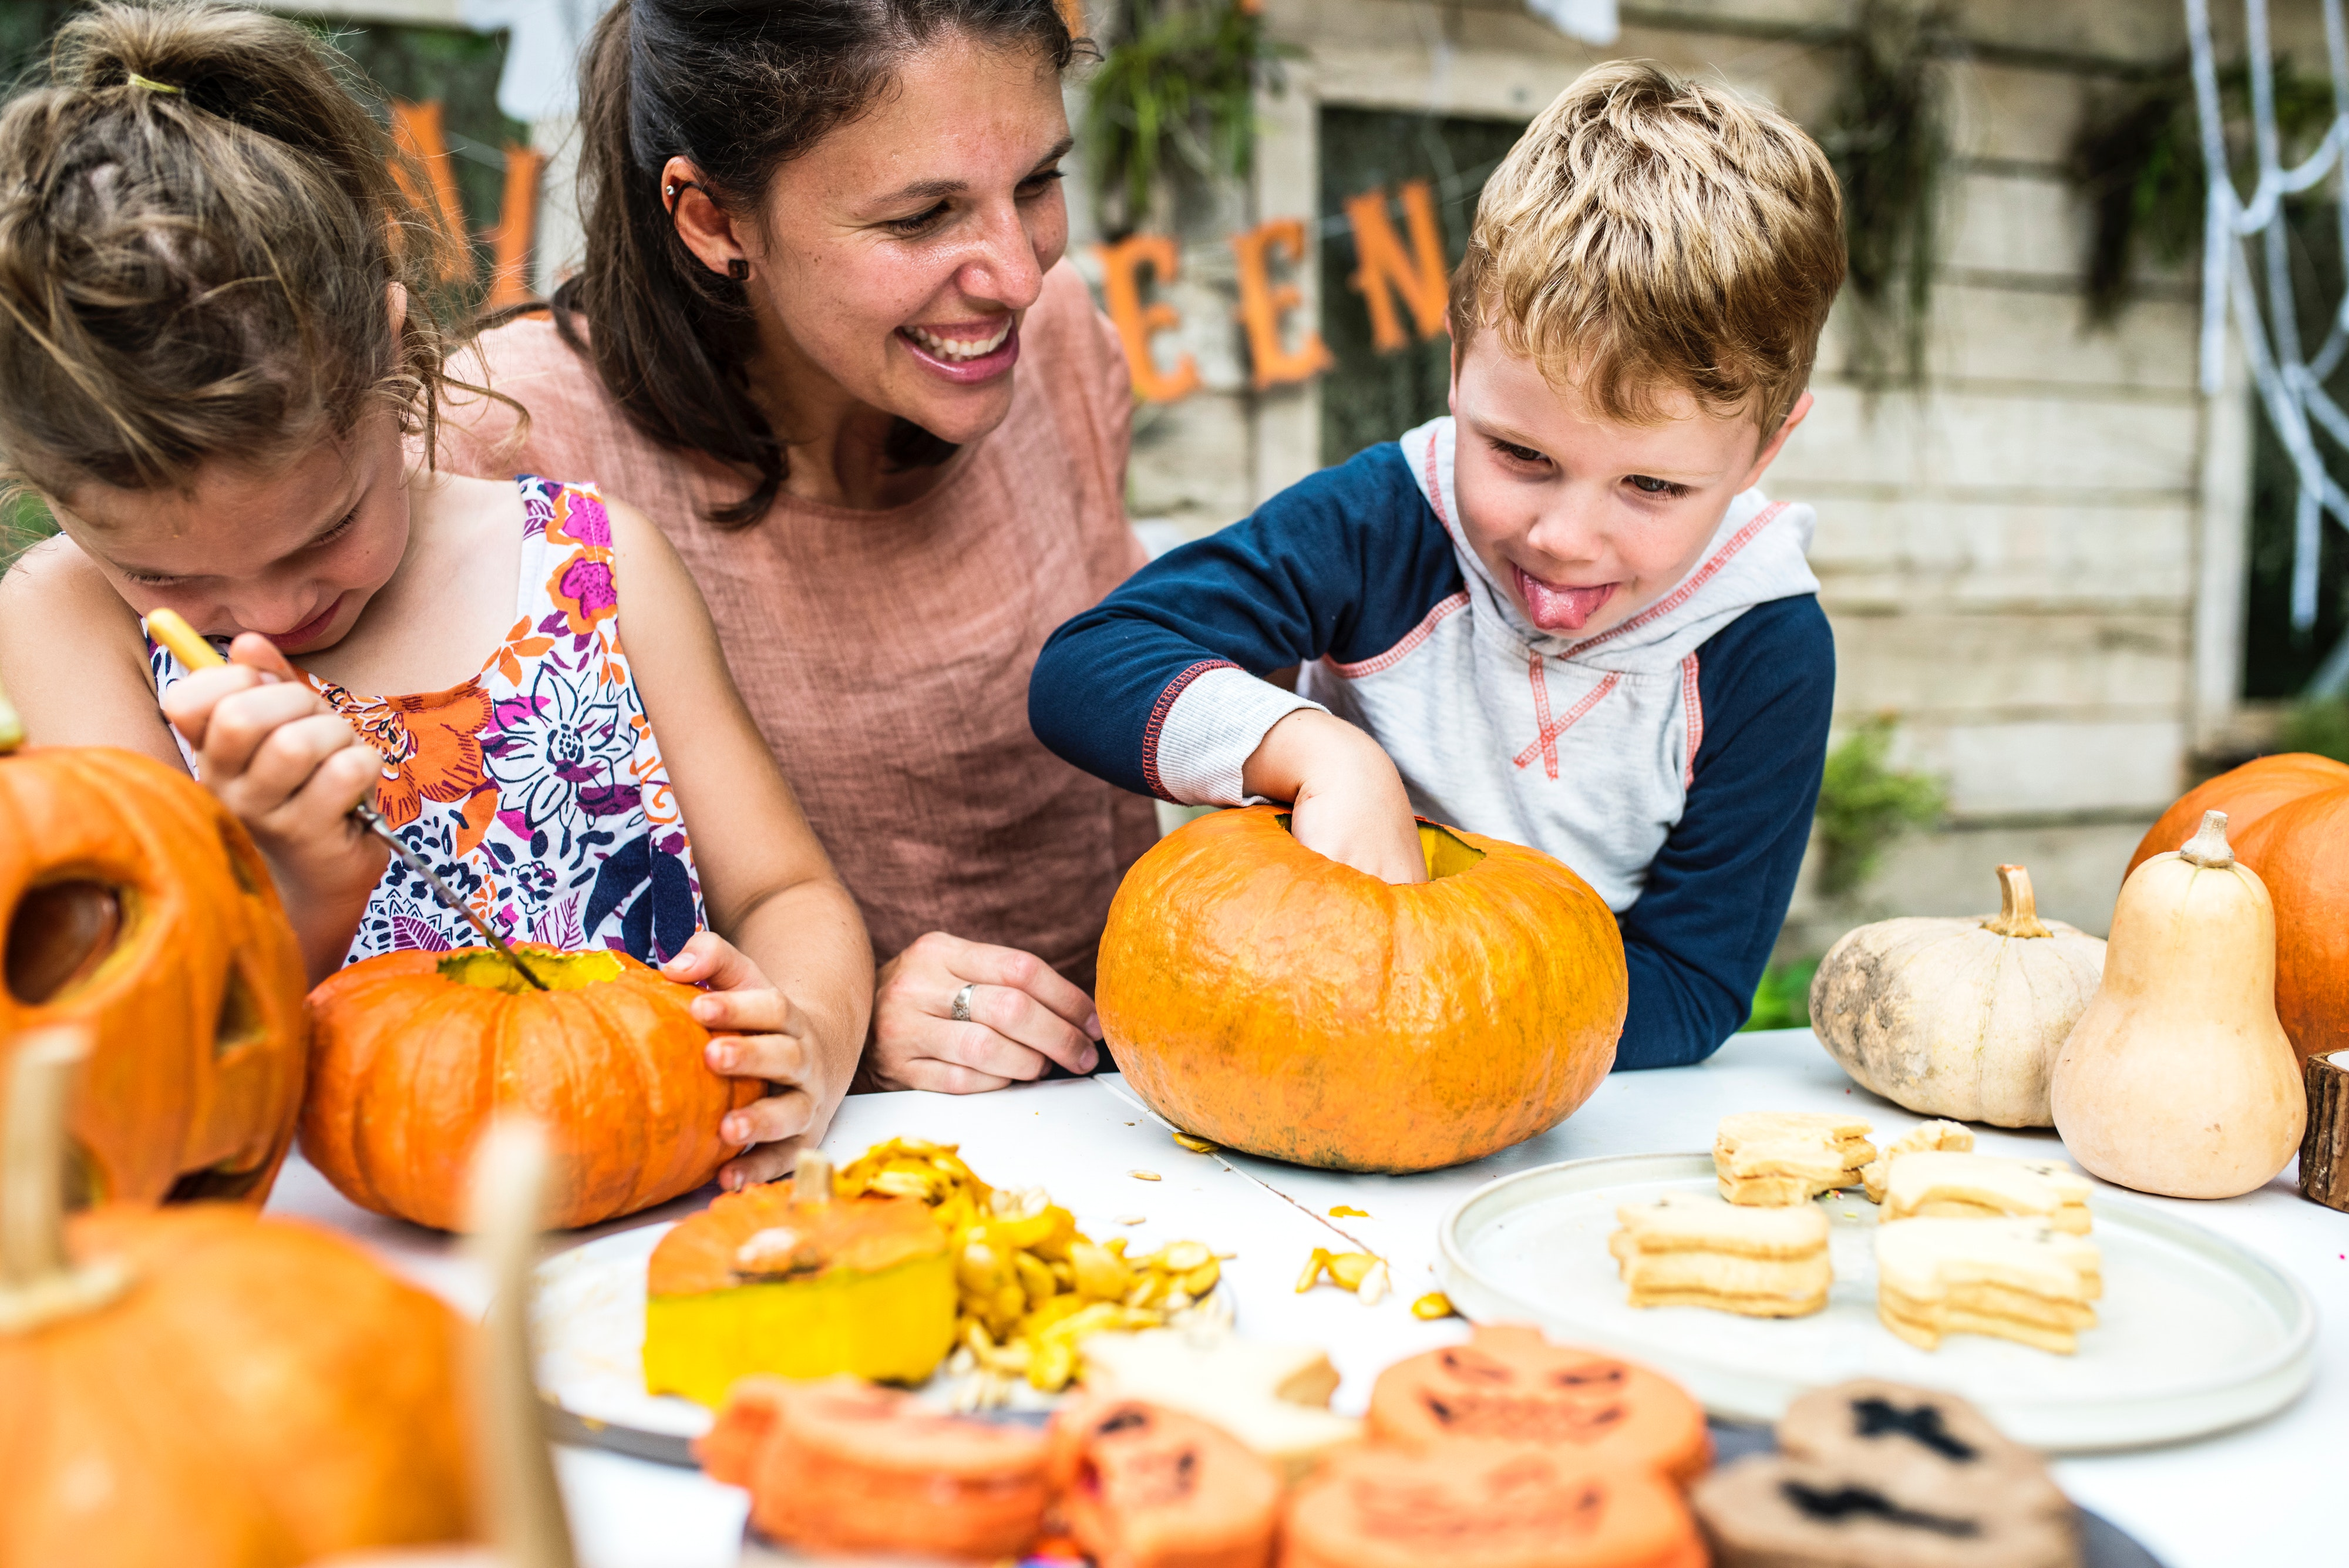 Pumpkin Carving, Pumpkin, Fall, Halloween